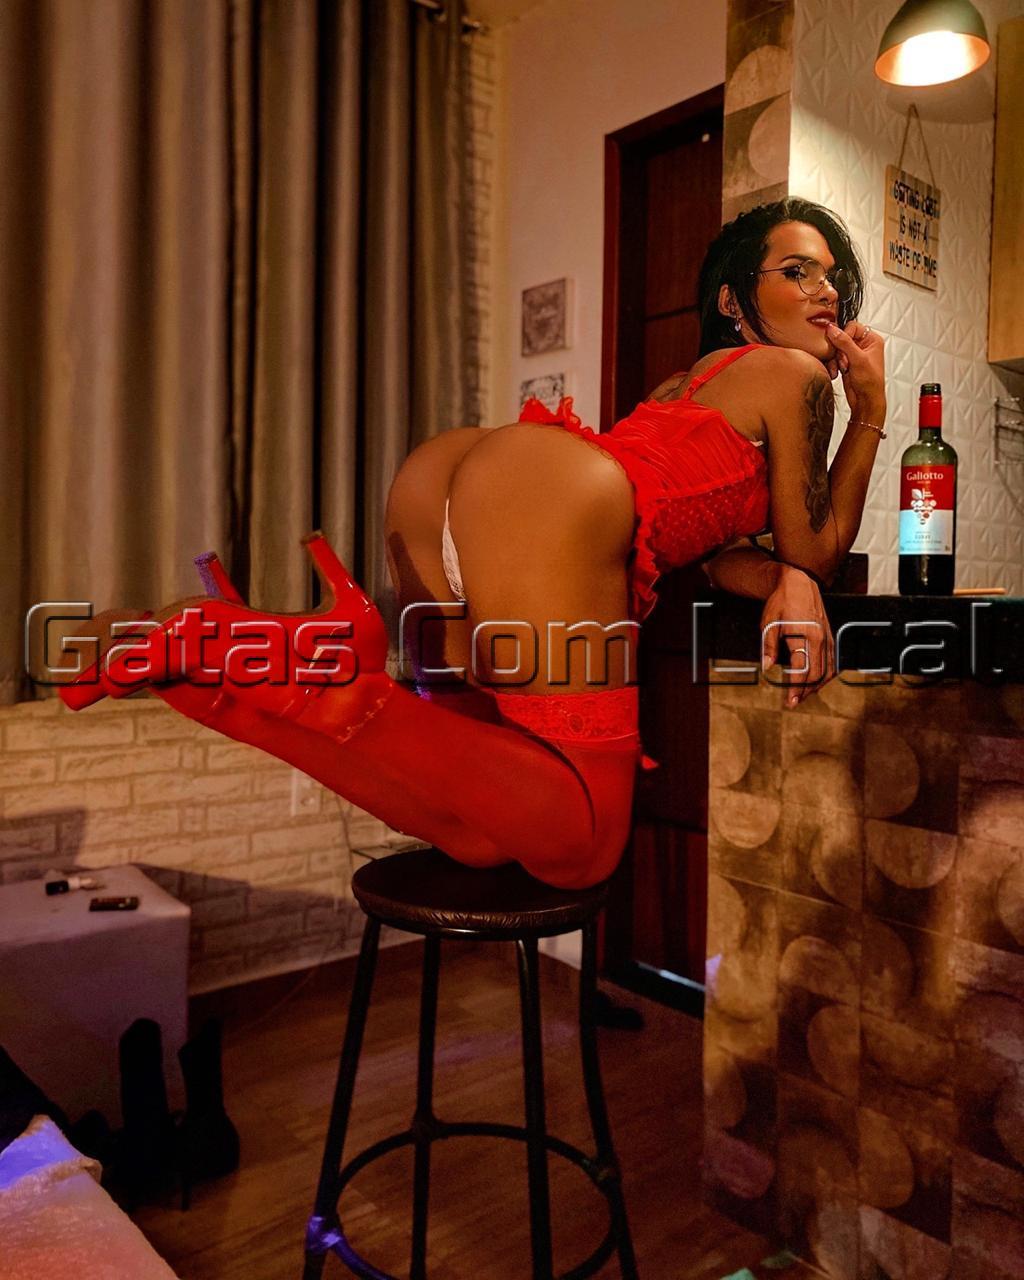 lorena-felix-cabo-frio-gatas-com-local-3 Lorena Felix